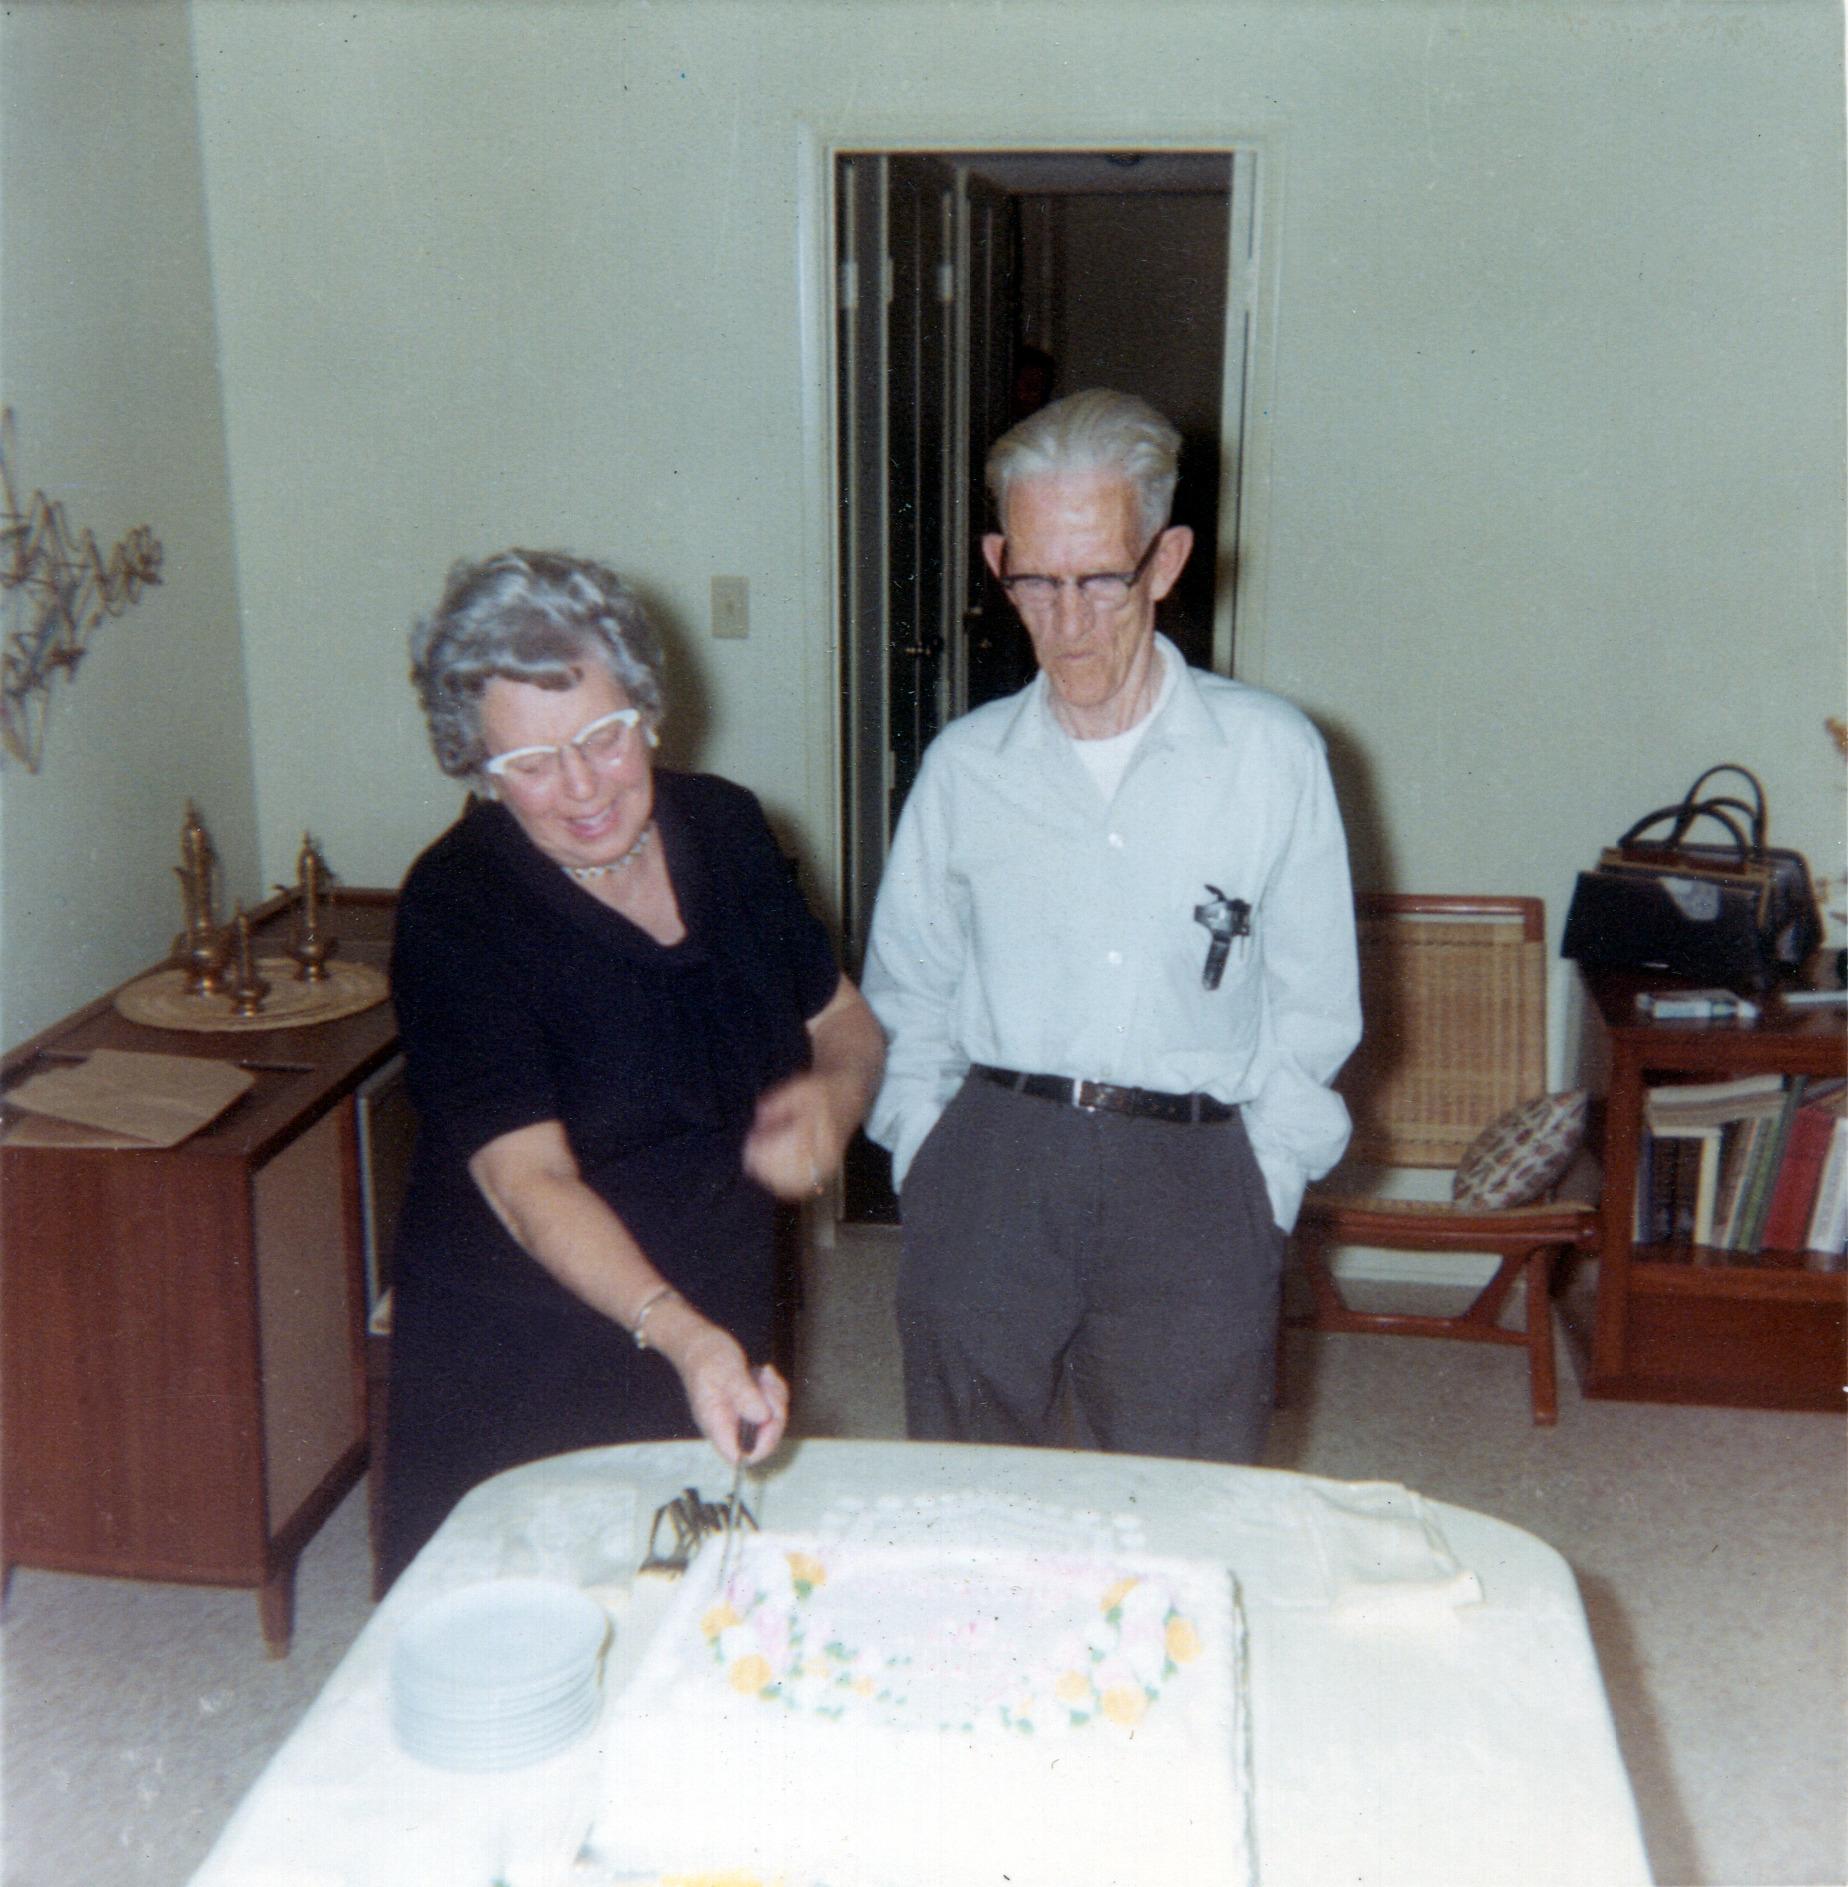 Gram & Grandpa Anniversary Cake